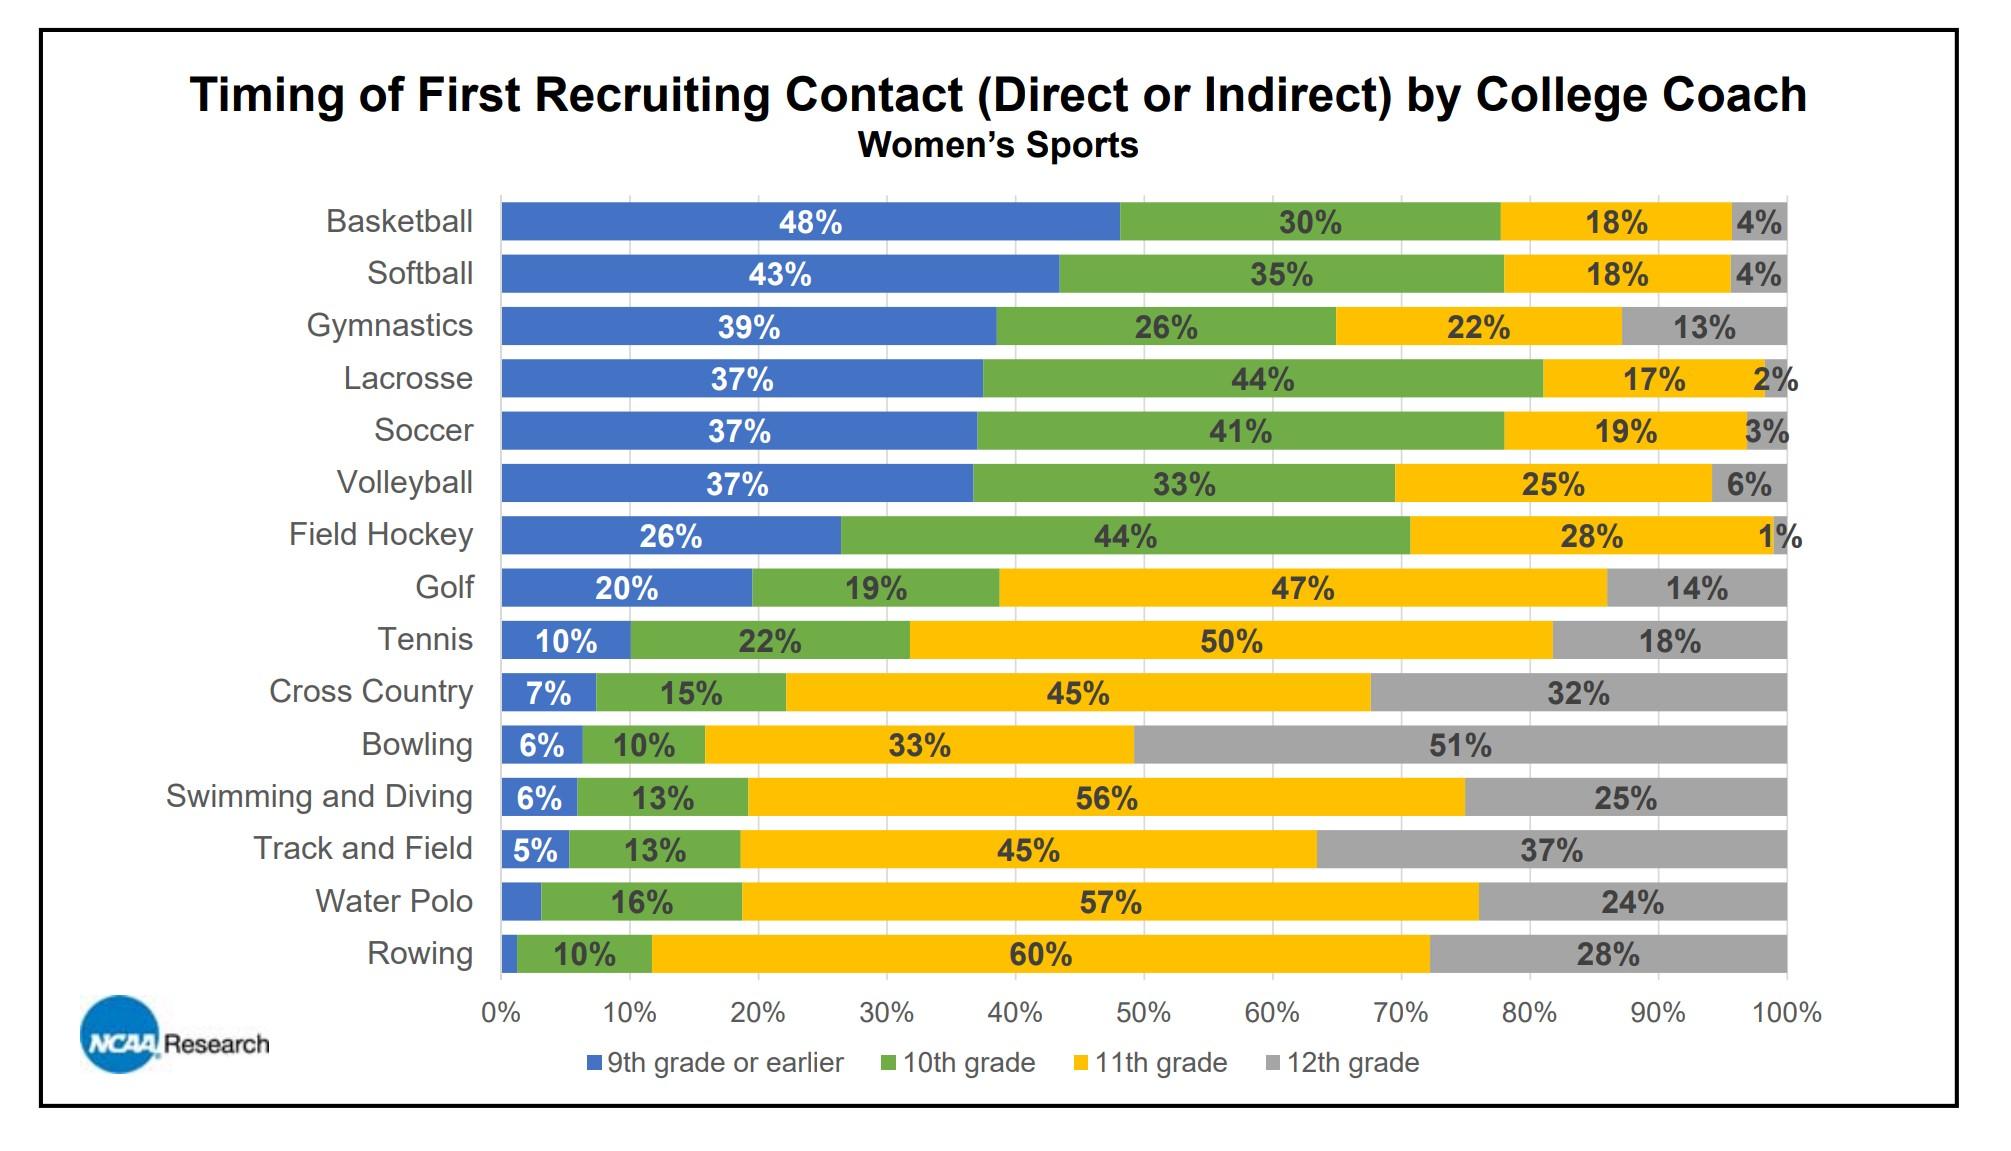 women's timing recruiting